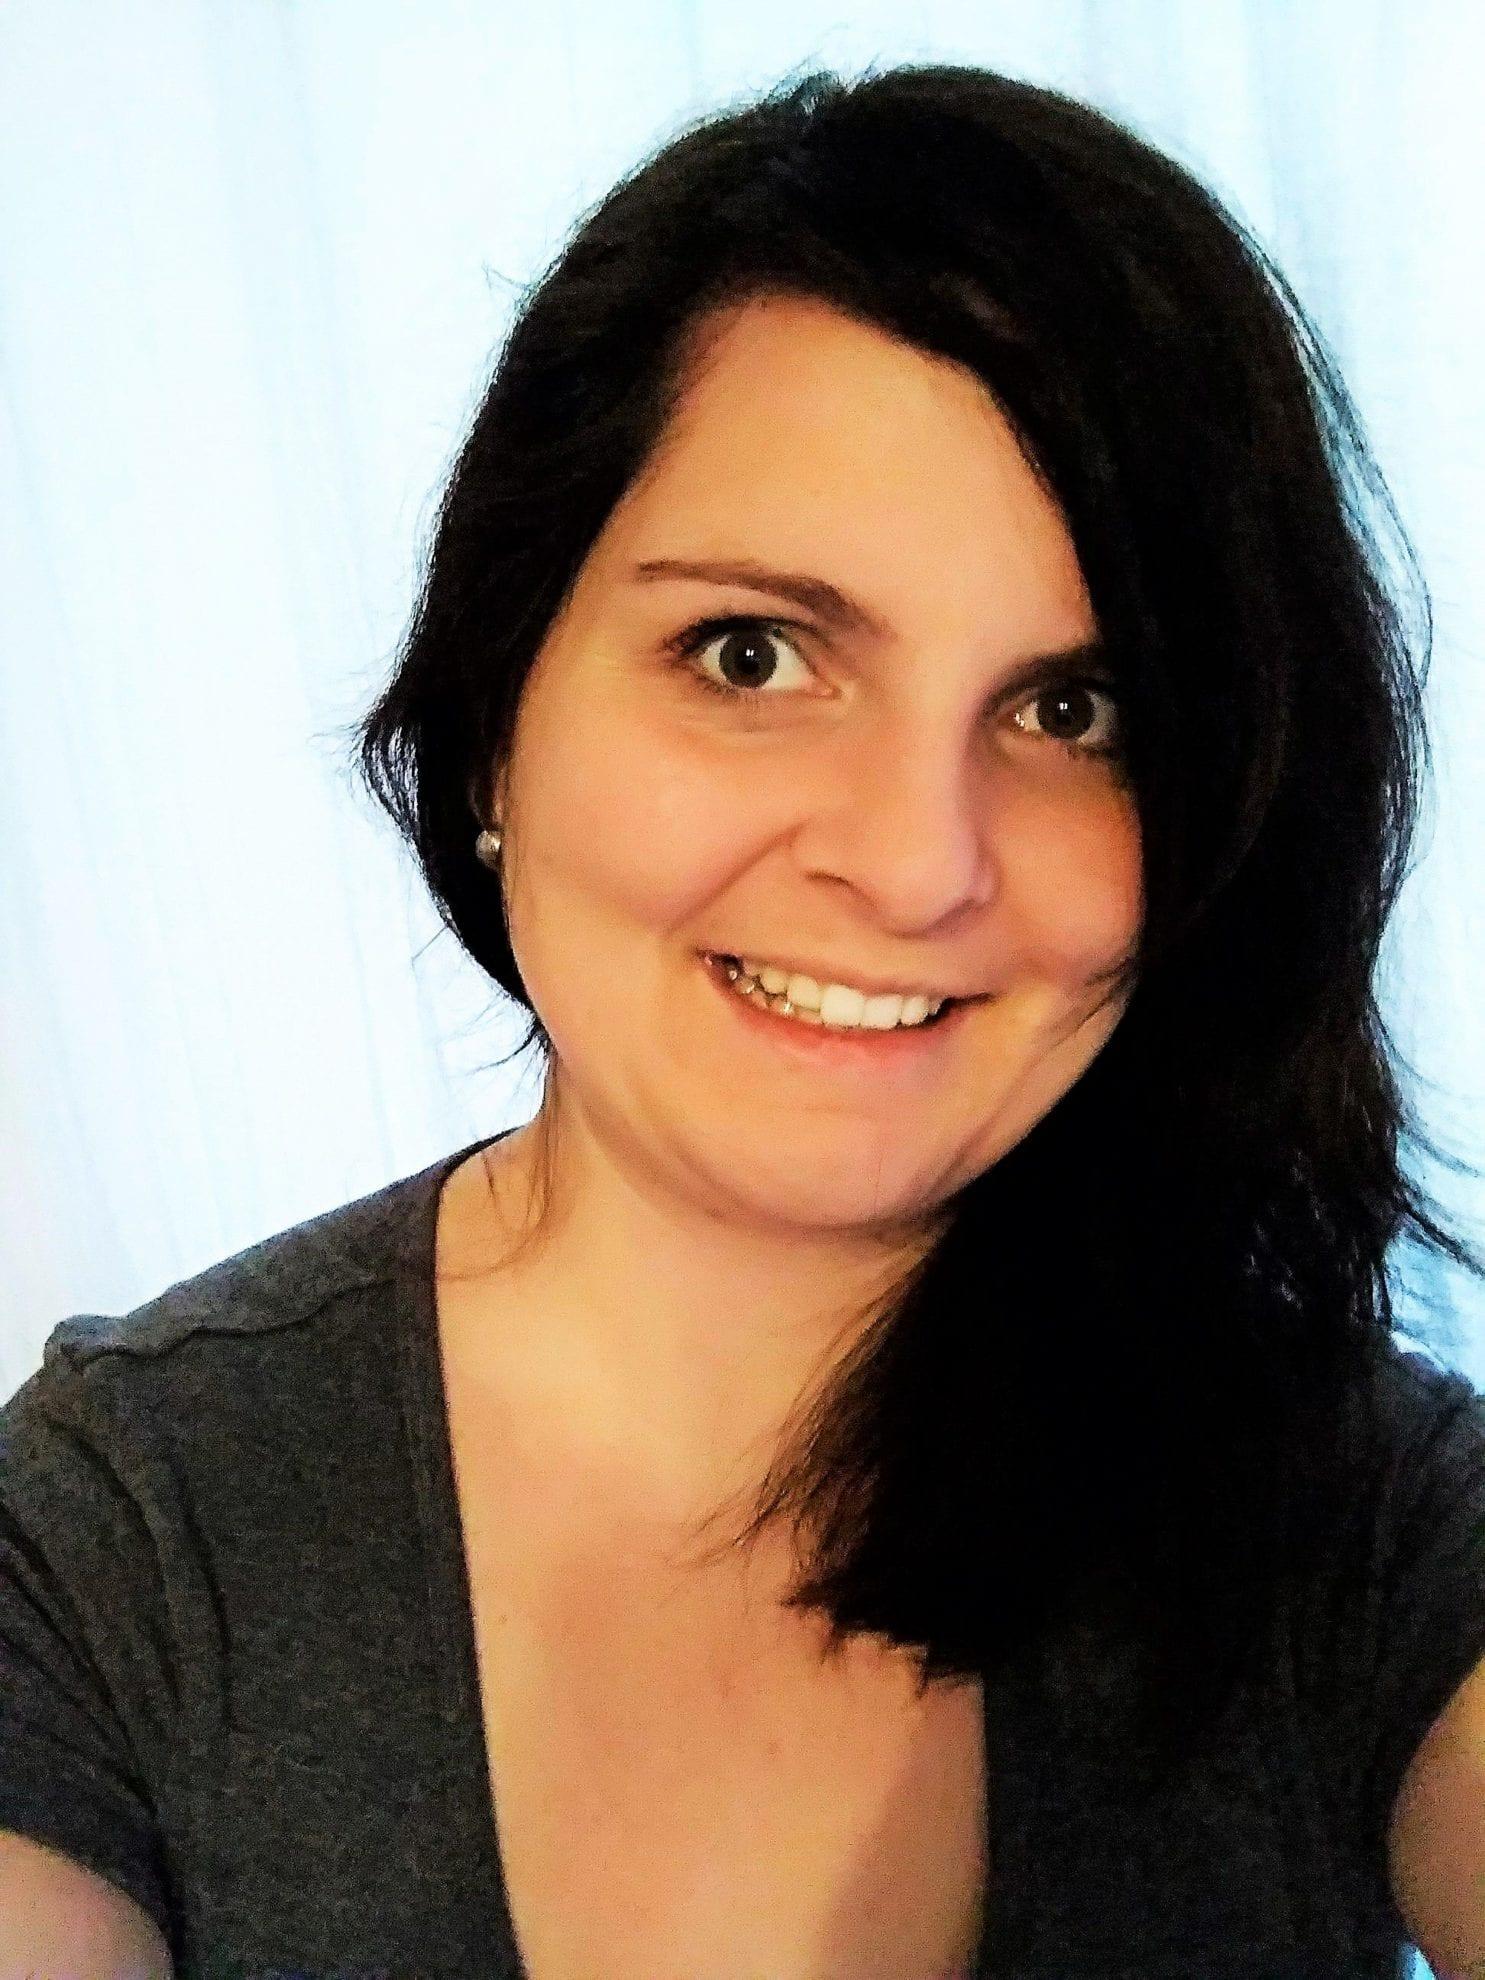 1000 Fragen an mich selbst - Selbstfindung #6, beantwortet von Julie im Familienblog auf puddingklecks.de